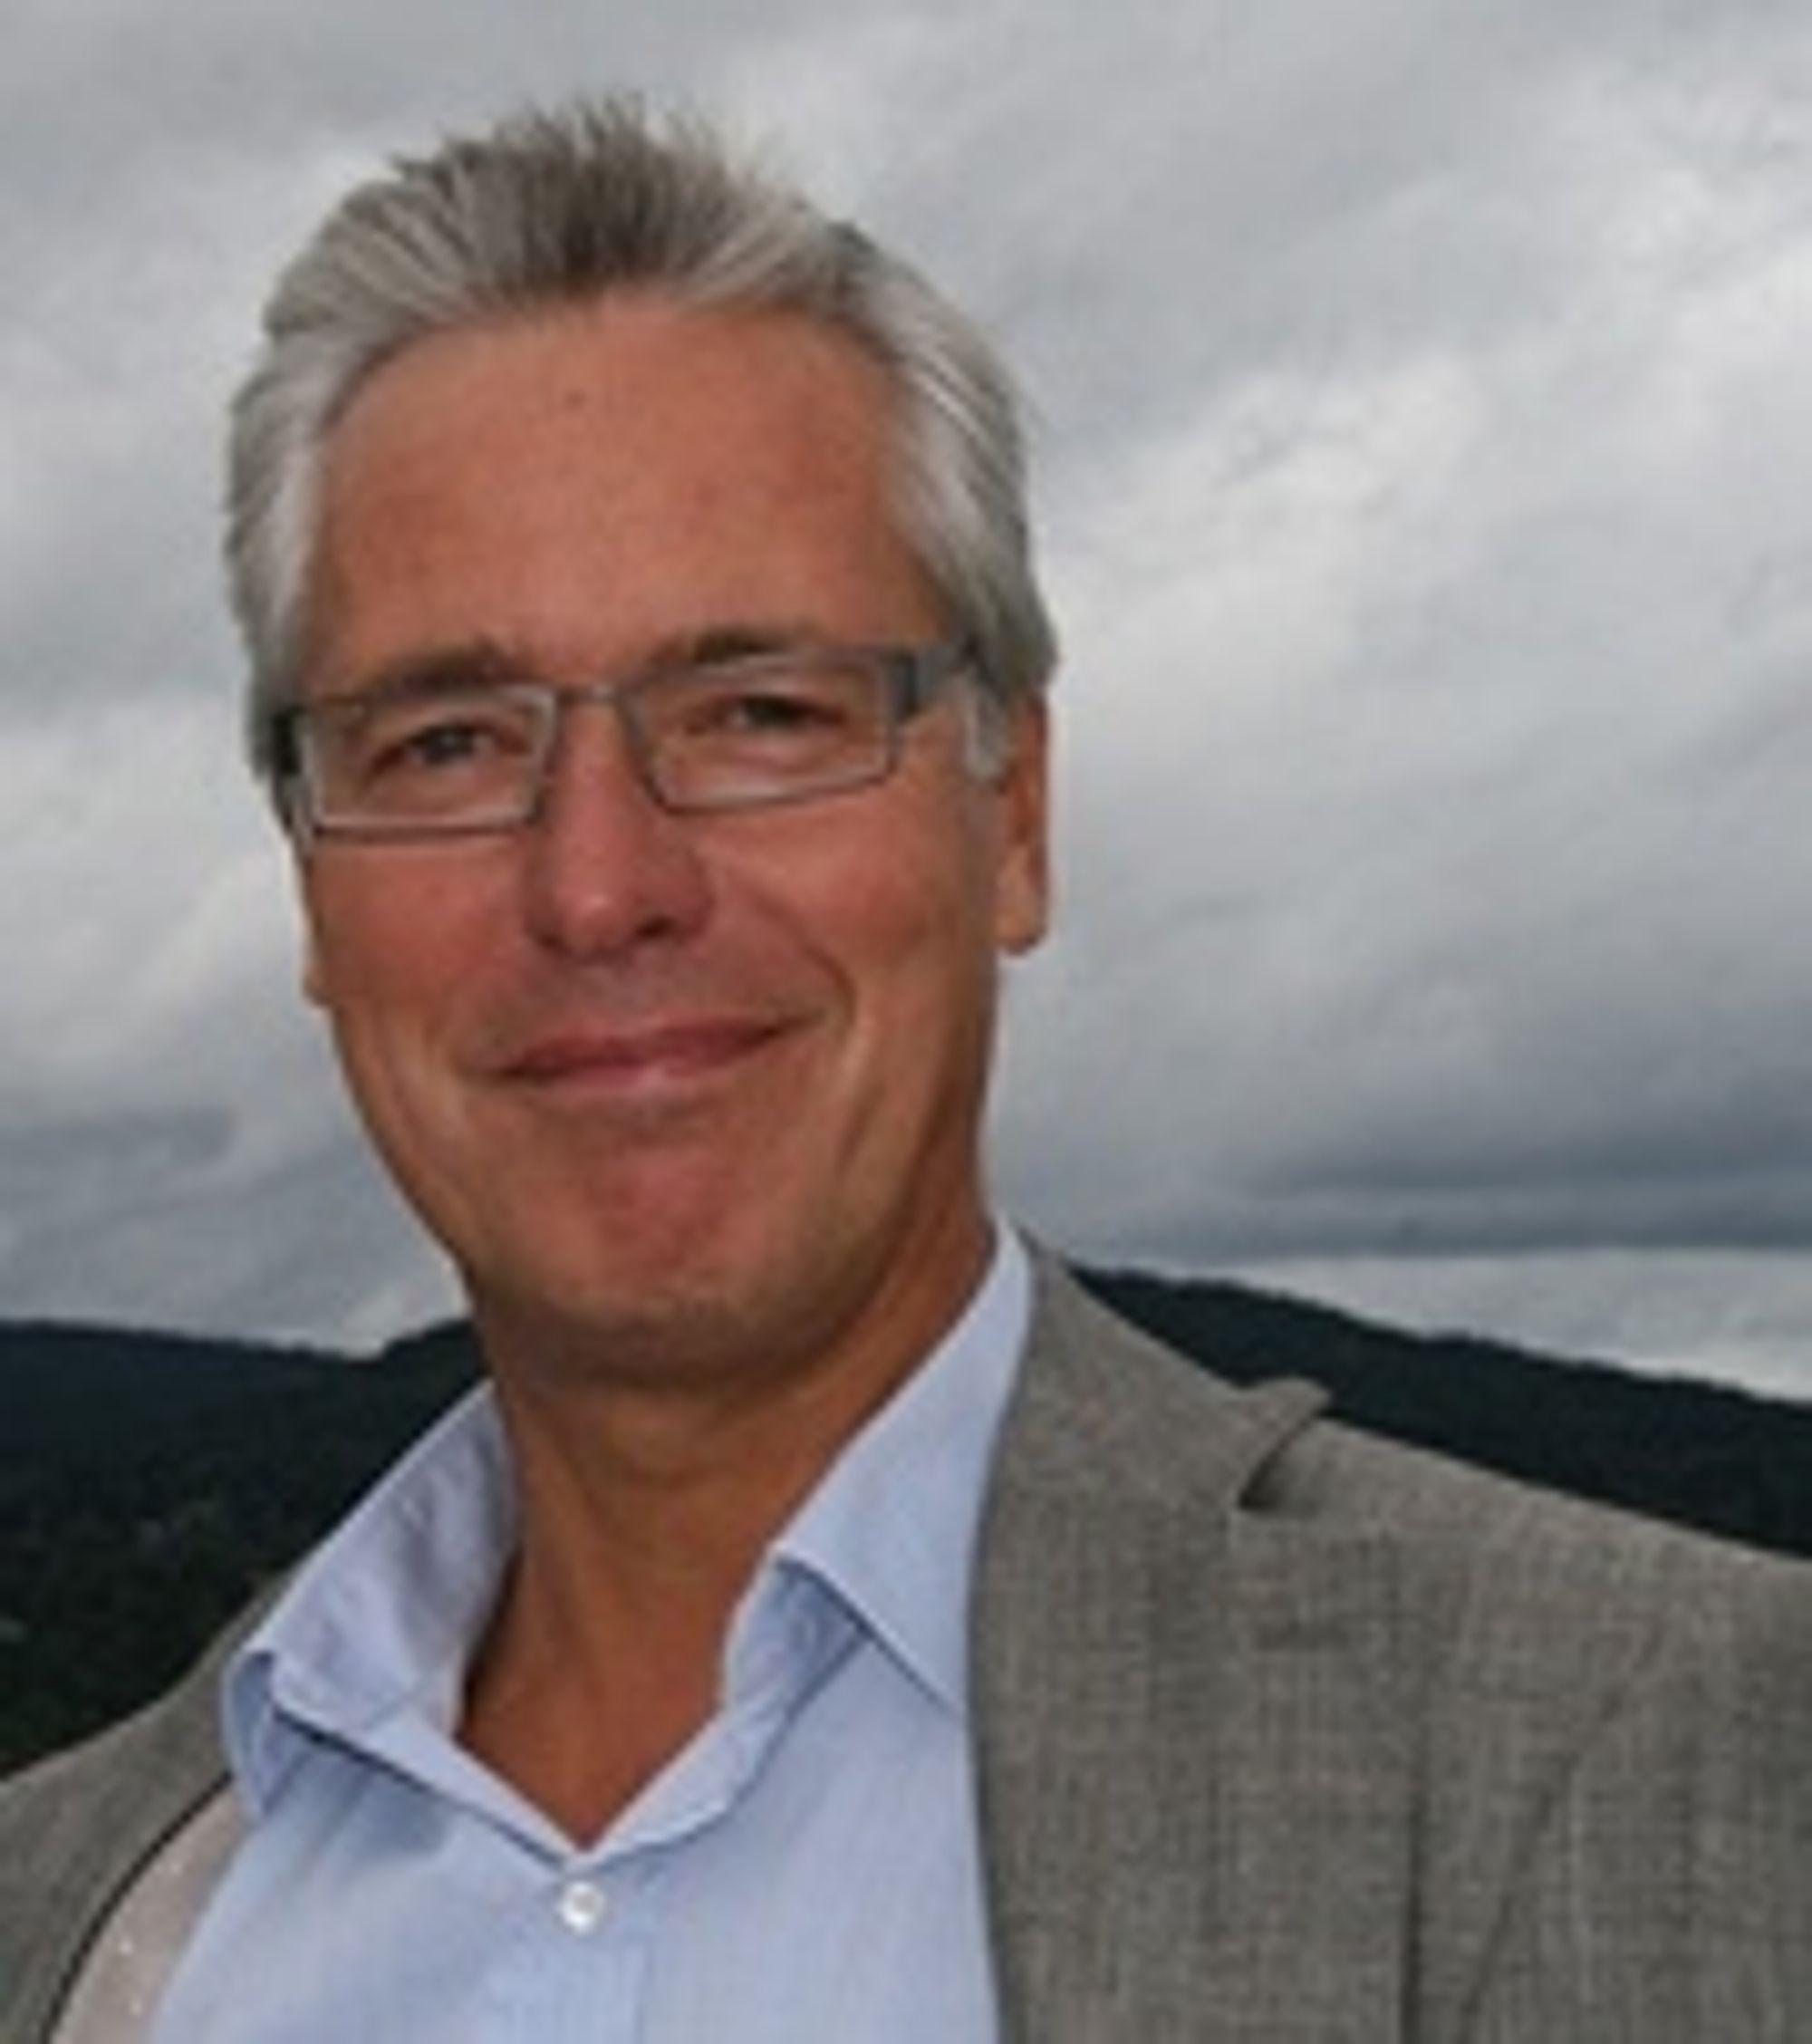 SAMARBEID: Erik Skjelbred, direktør for produksjon og miljø i EBL, mener at ingen er tjent med diskusjonen som har vært.